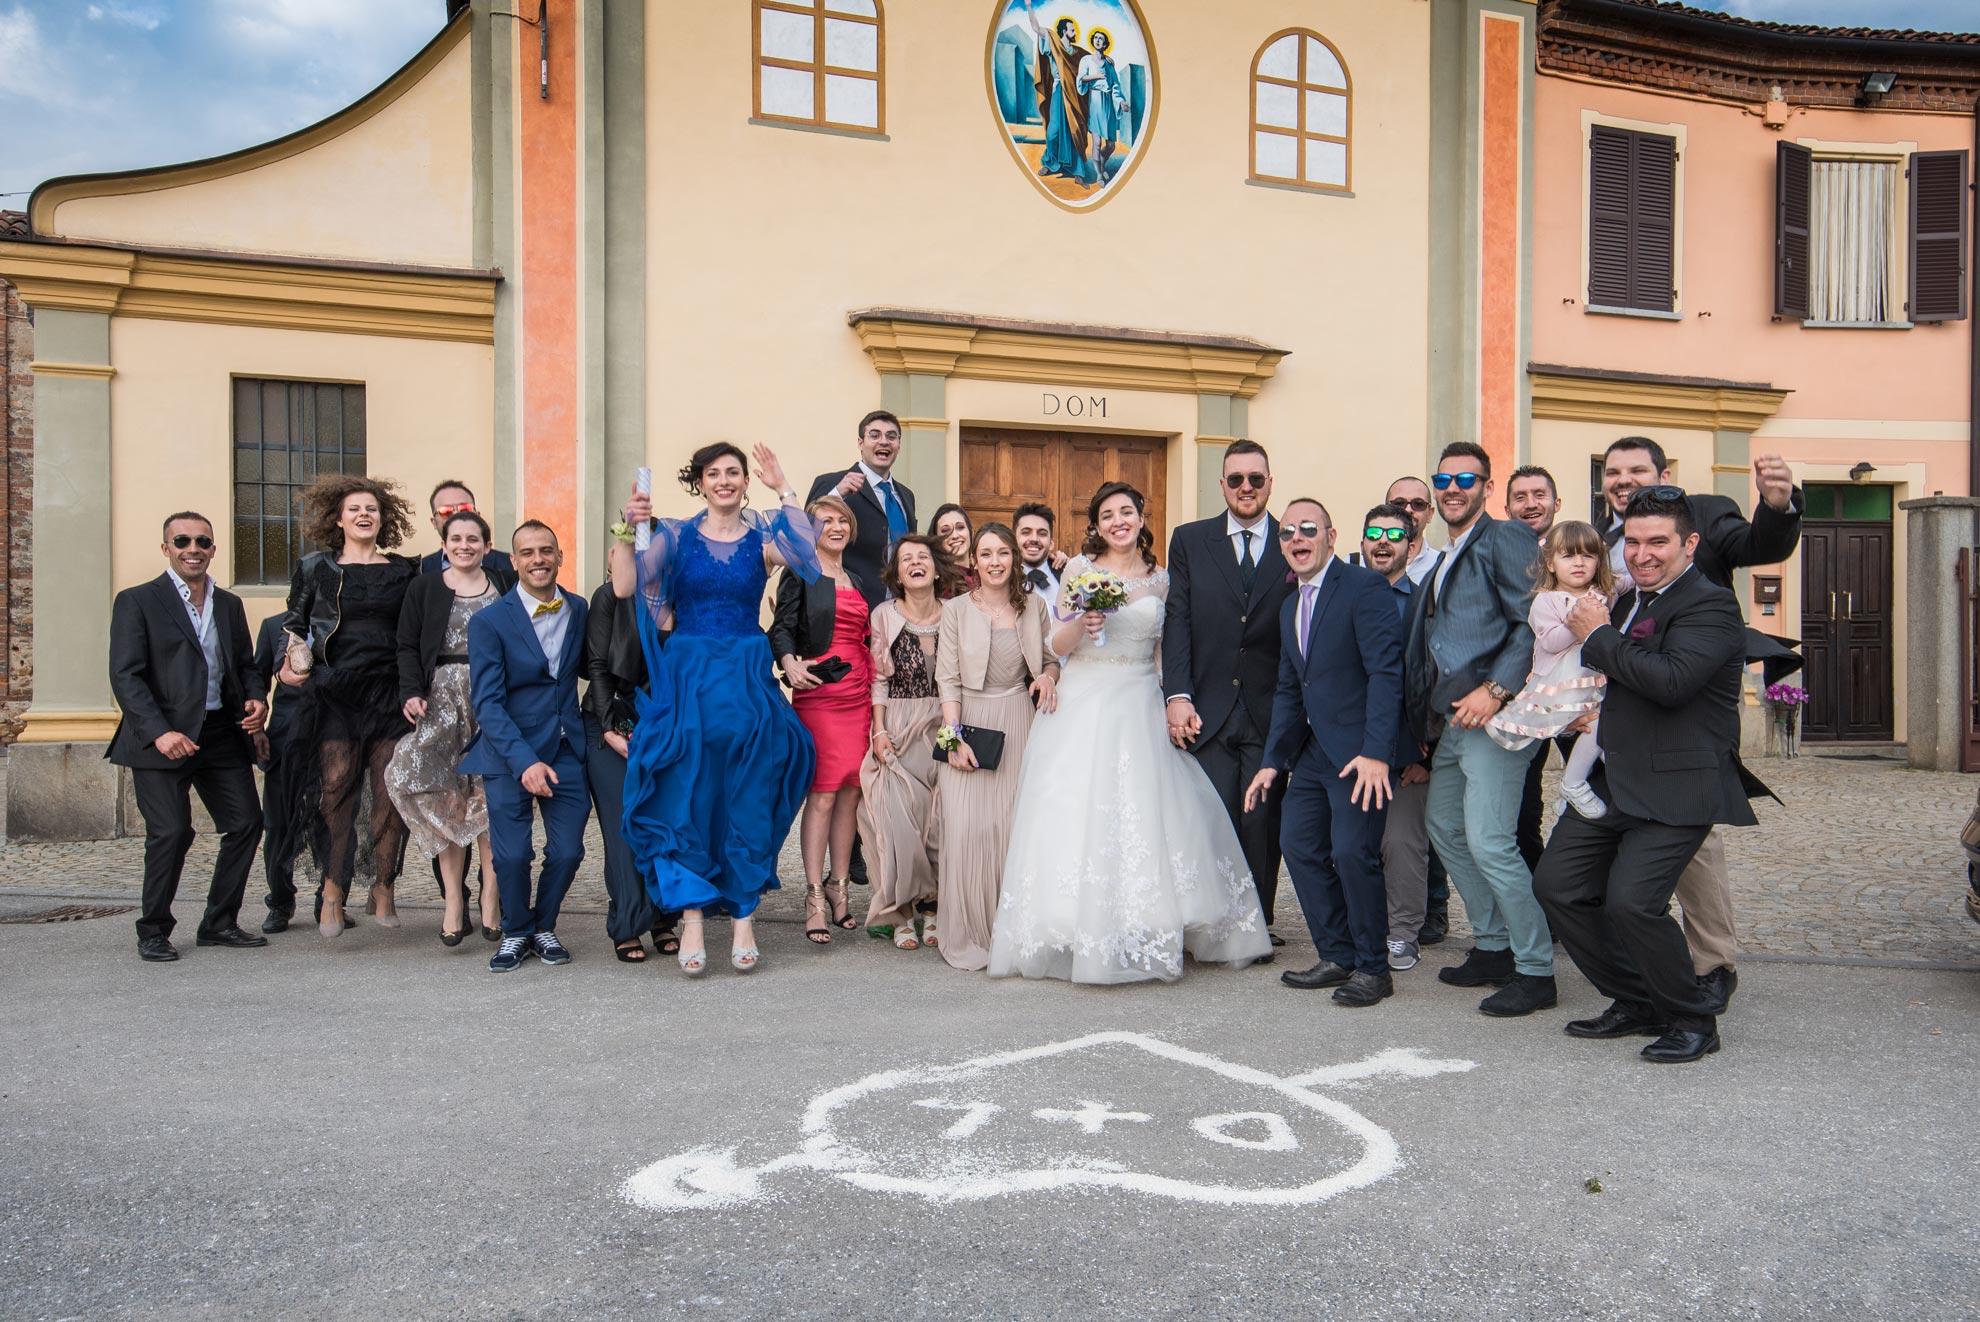 Matrimonio a Narzole Lorenza Diego - DSC 0655 - Fotografie matrimonio con amici - Fotografie matrimonio con amici